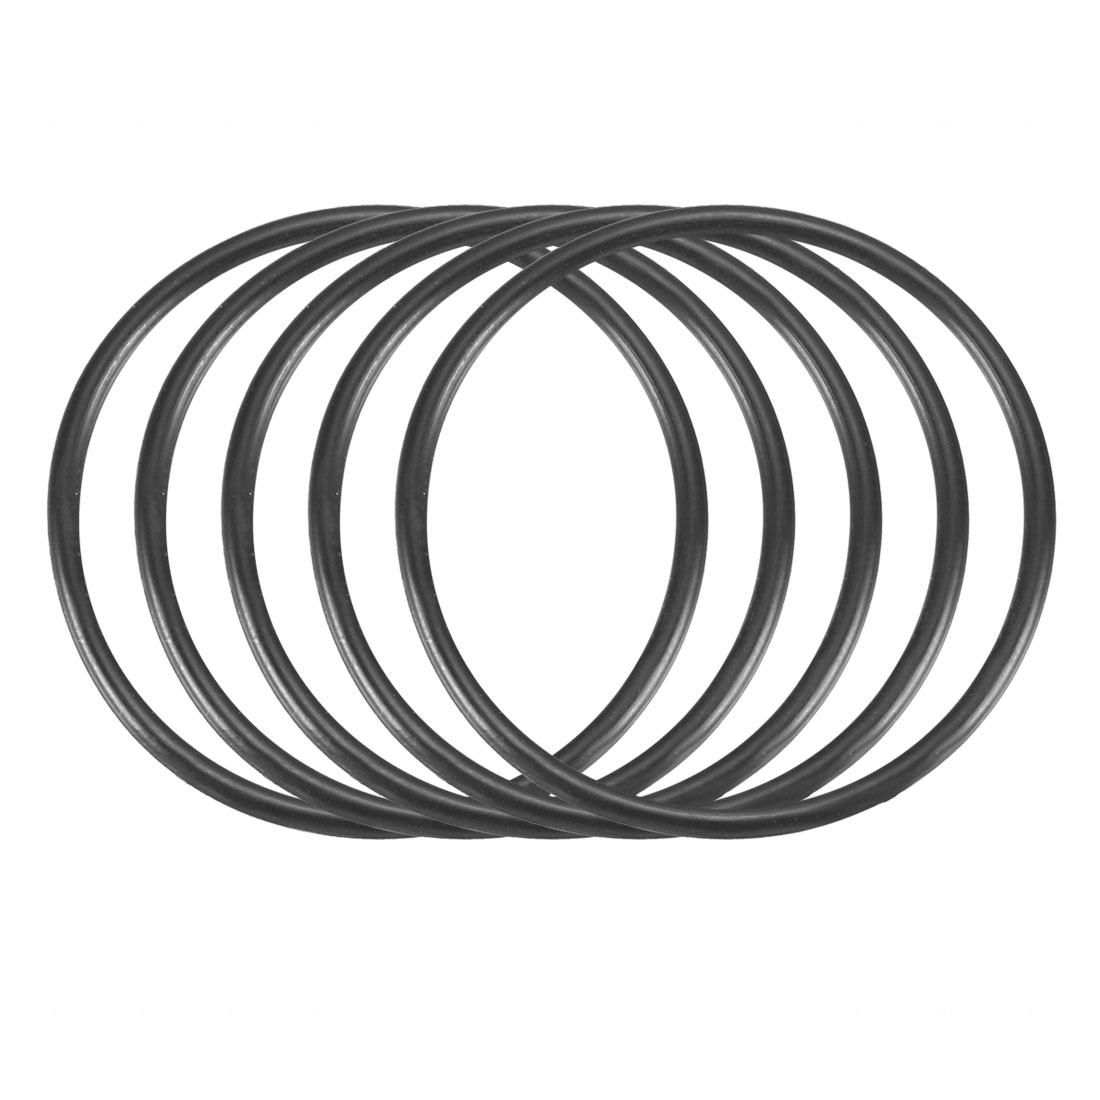 50pcs Black Nitrile Butadiene Rubber NBR O-Ring 31.47mm Inner Dia 1.78mm Width